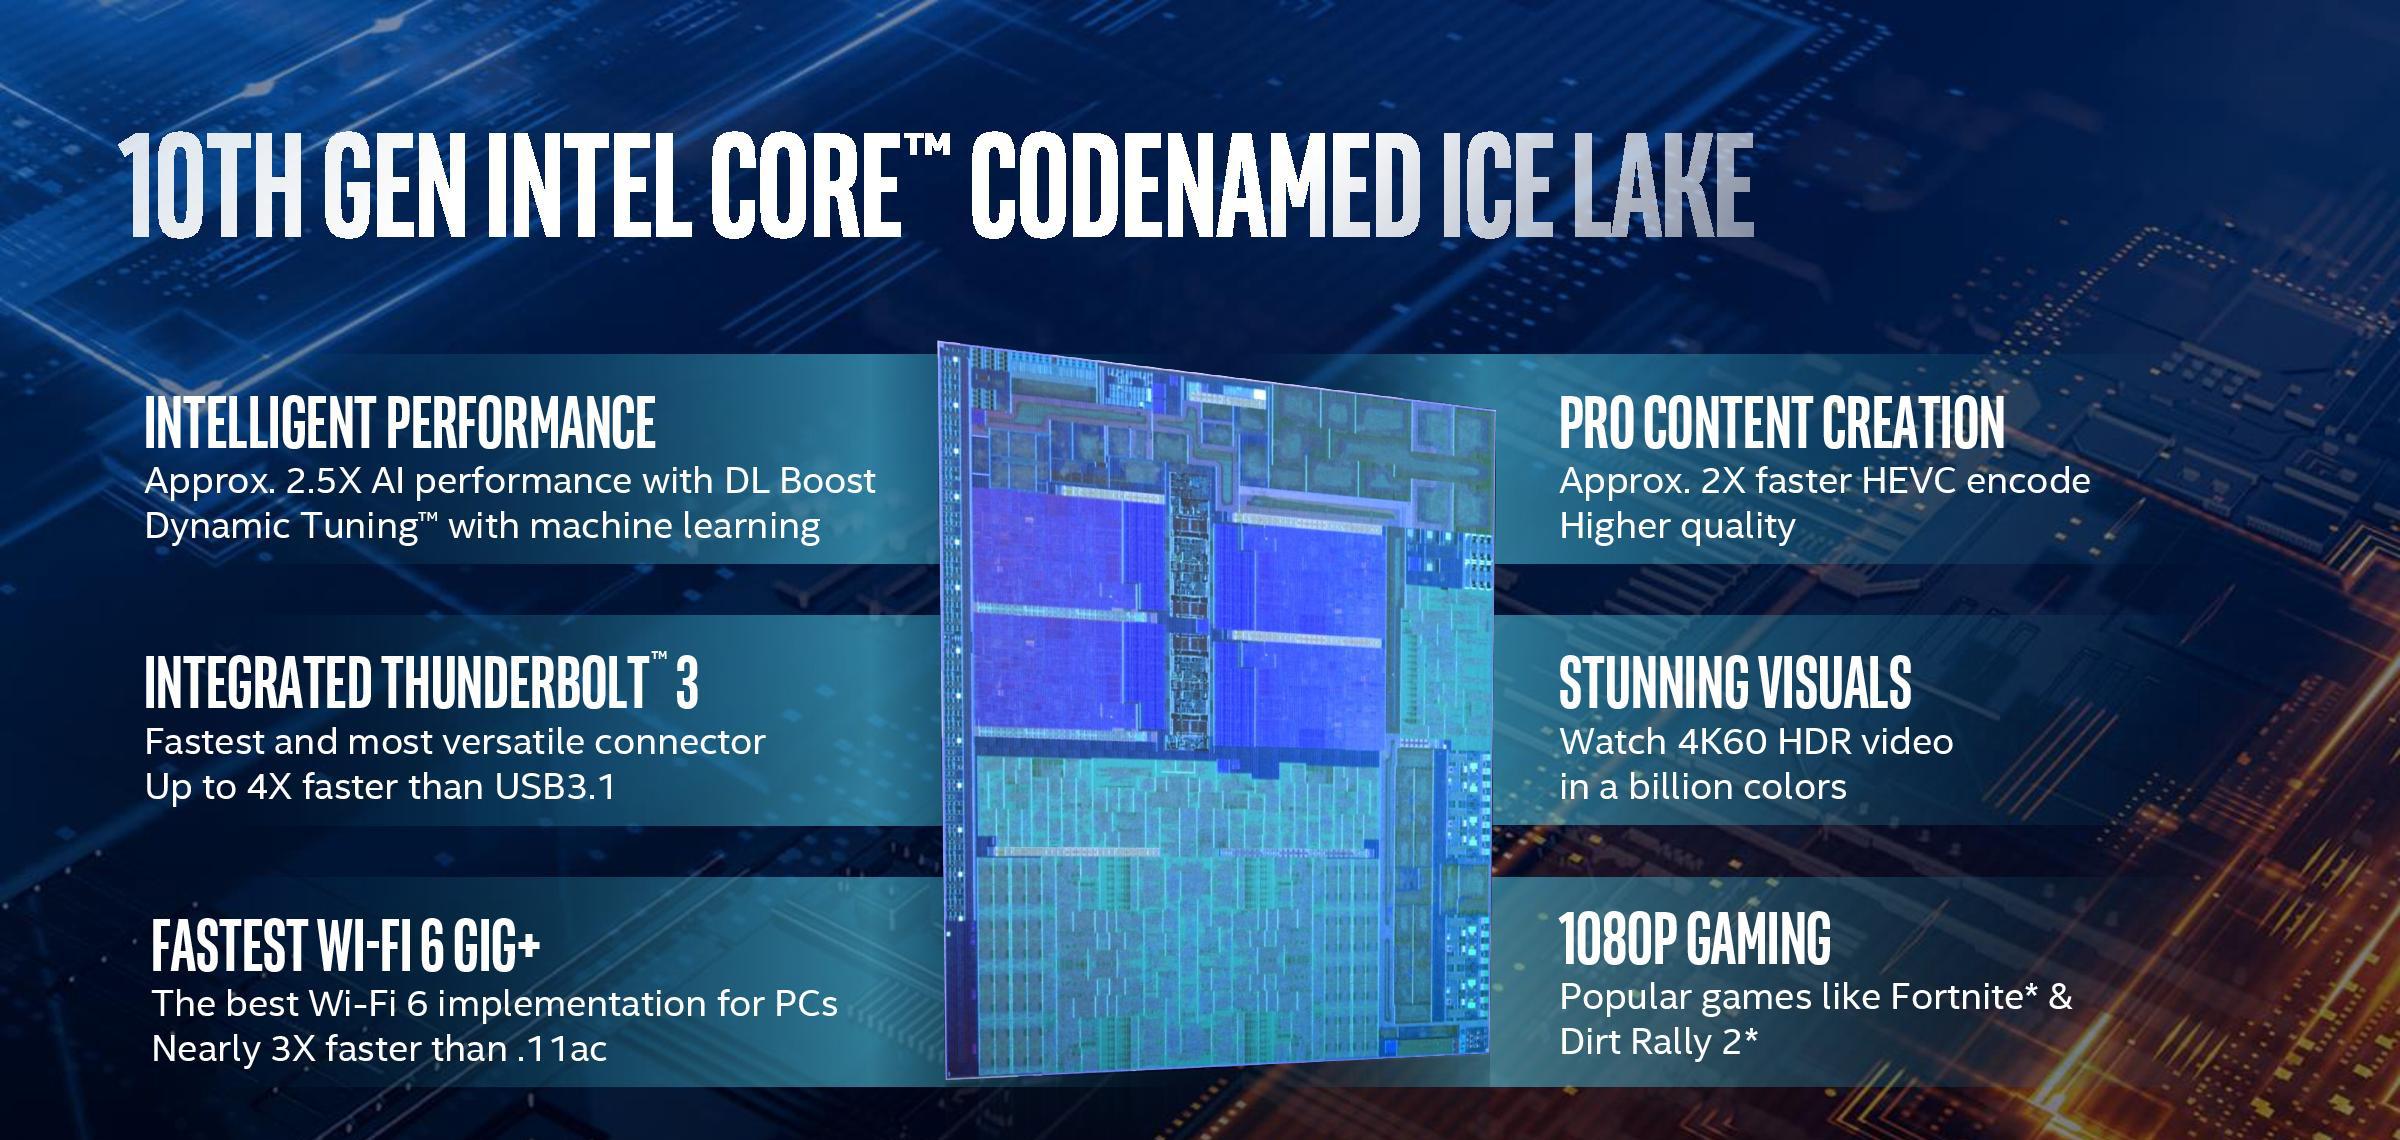 ice_lake_car-jpg.7656